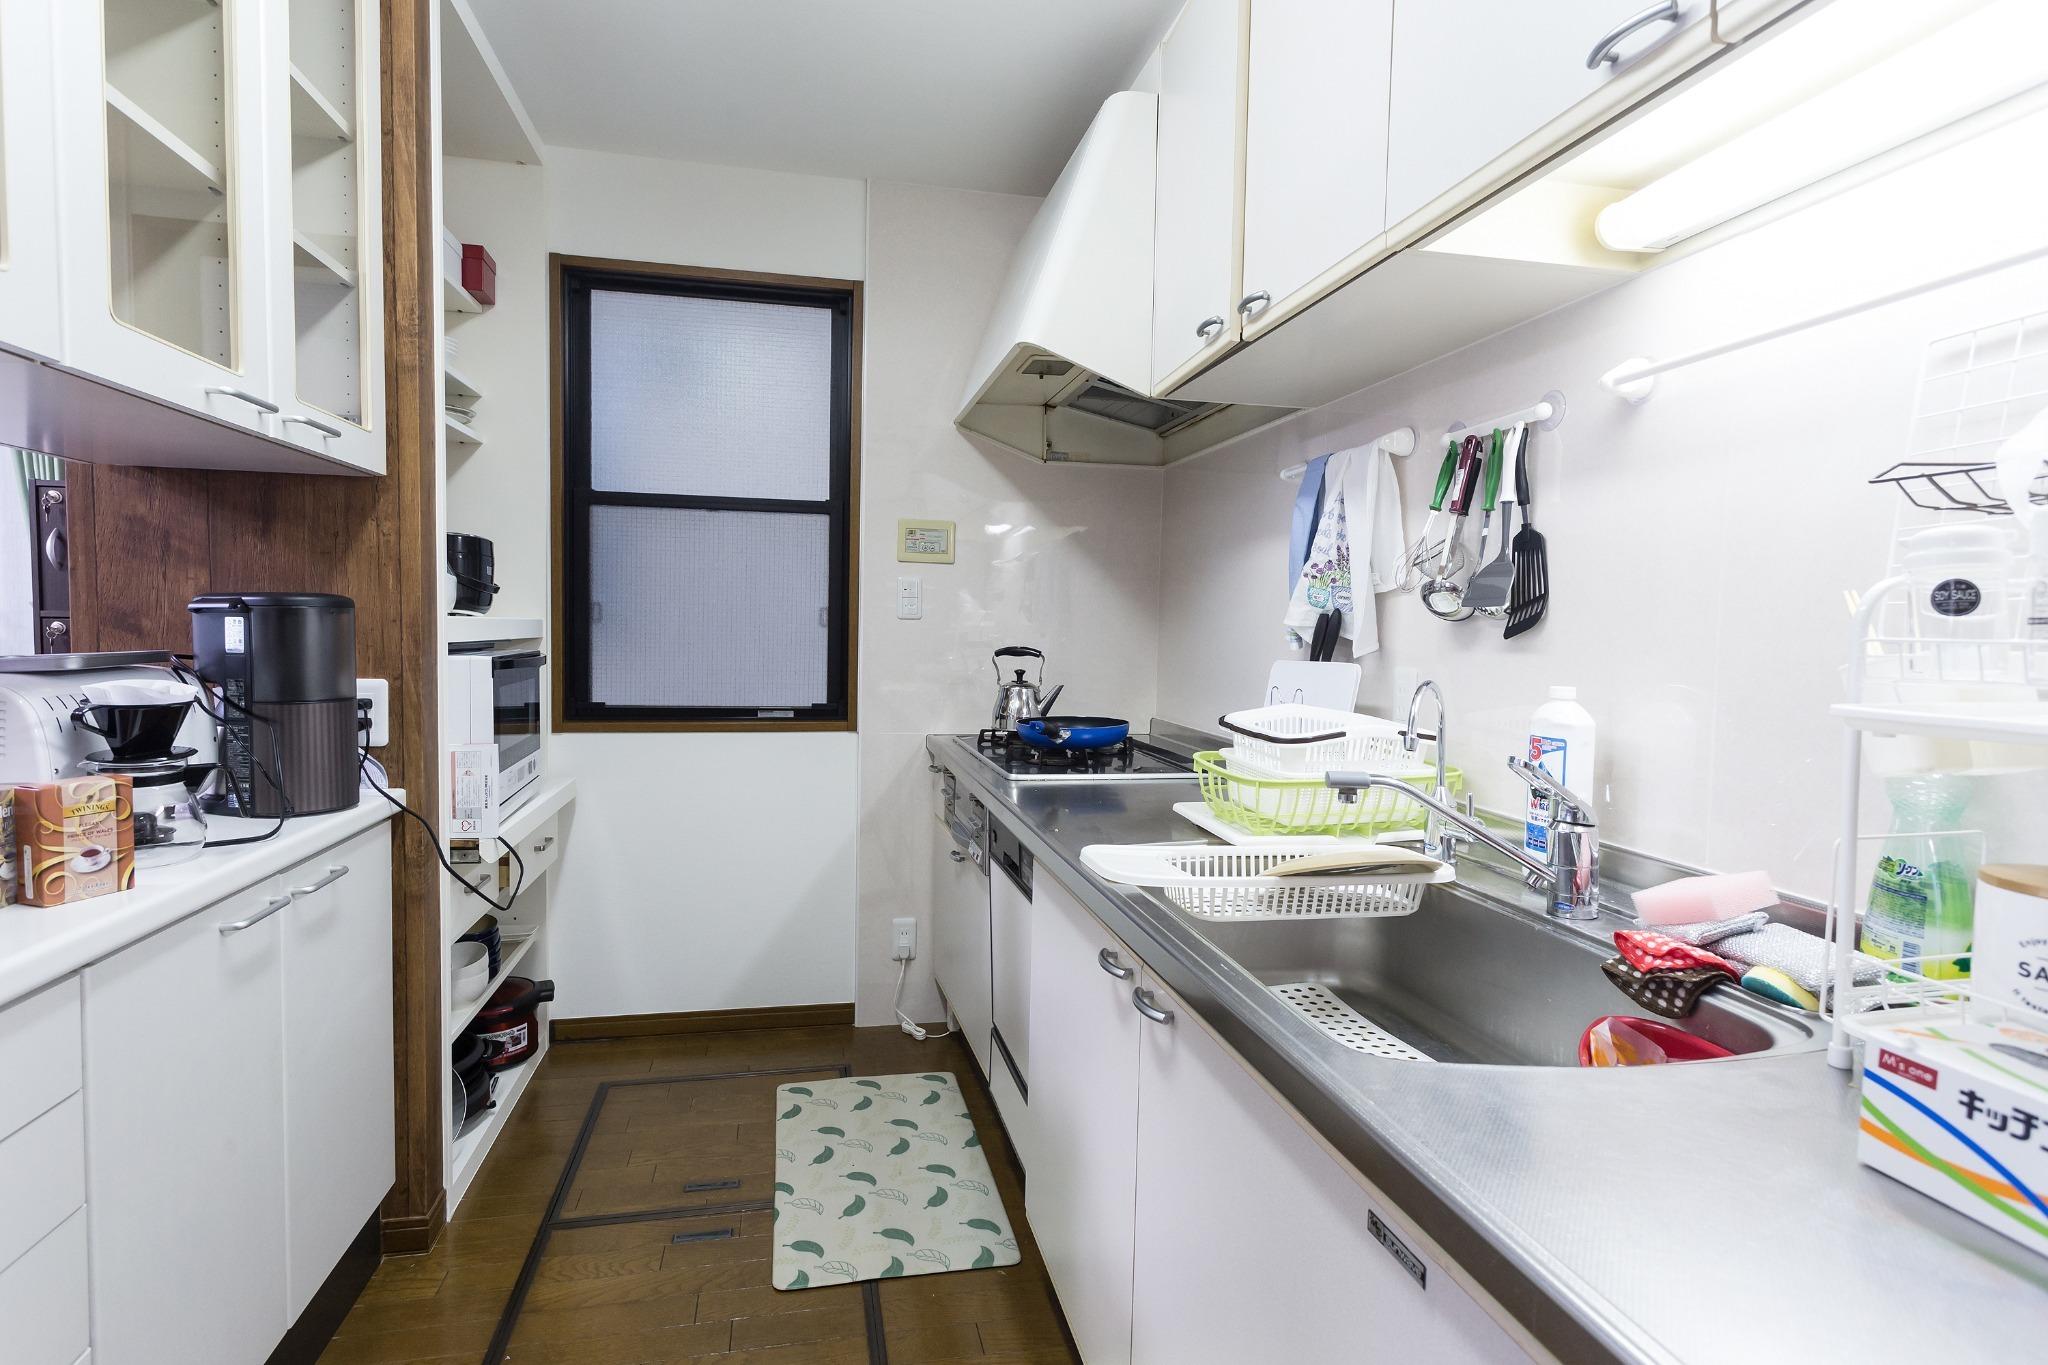 1階キッチンには電子レンジ、炊飯器などすべての調理用具が揃っています。